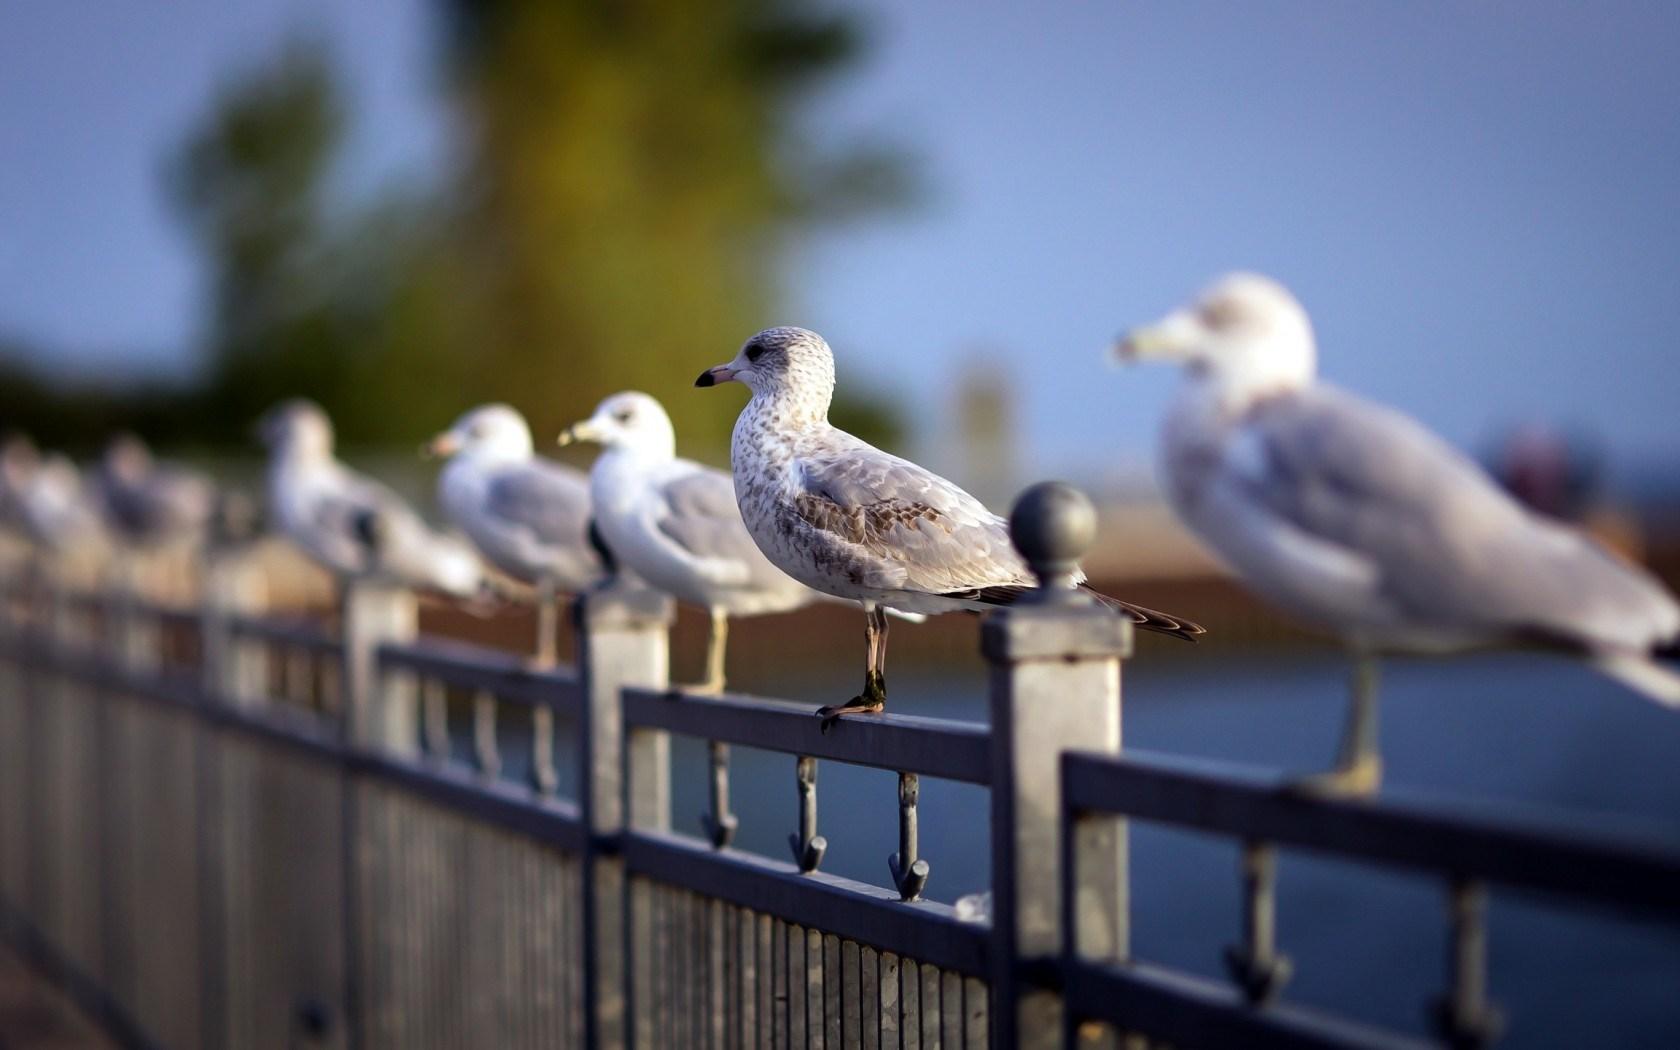 seagulls wallpaper backgrounds